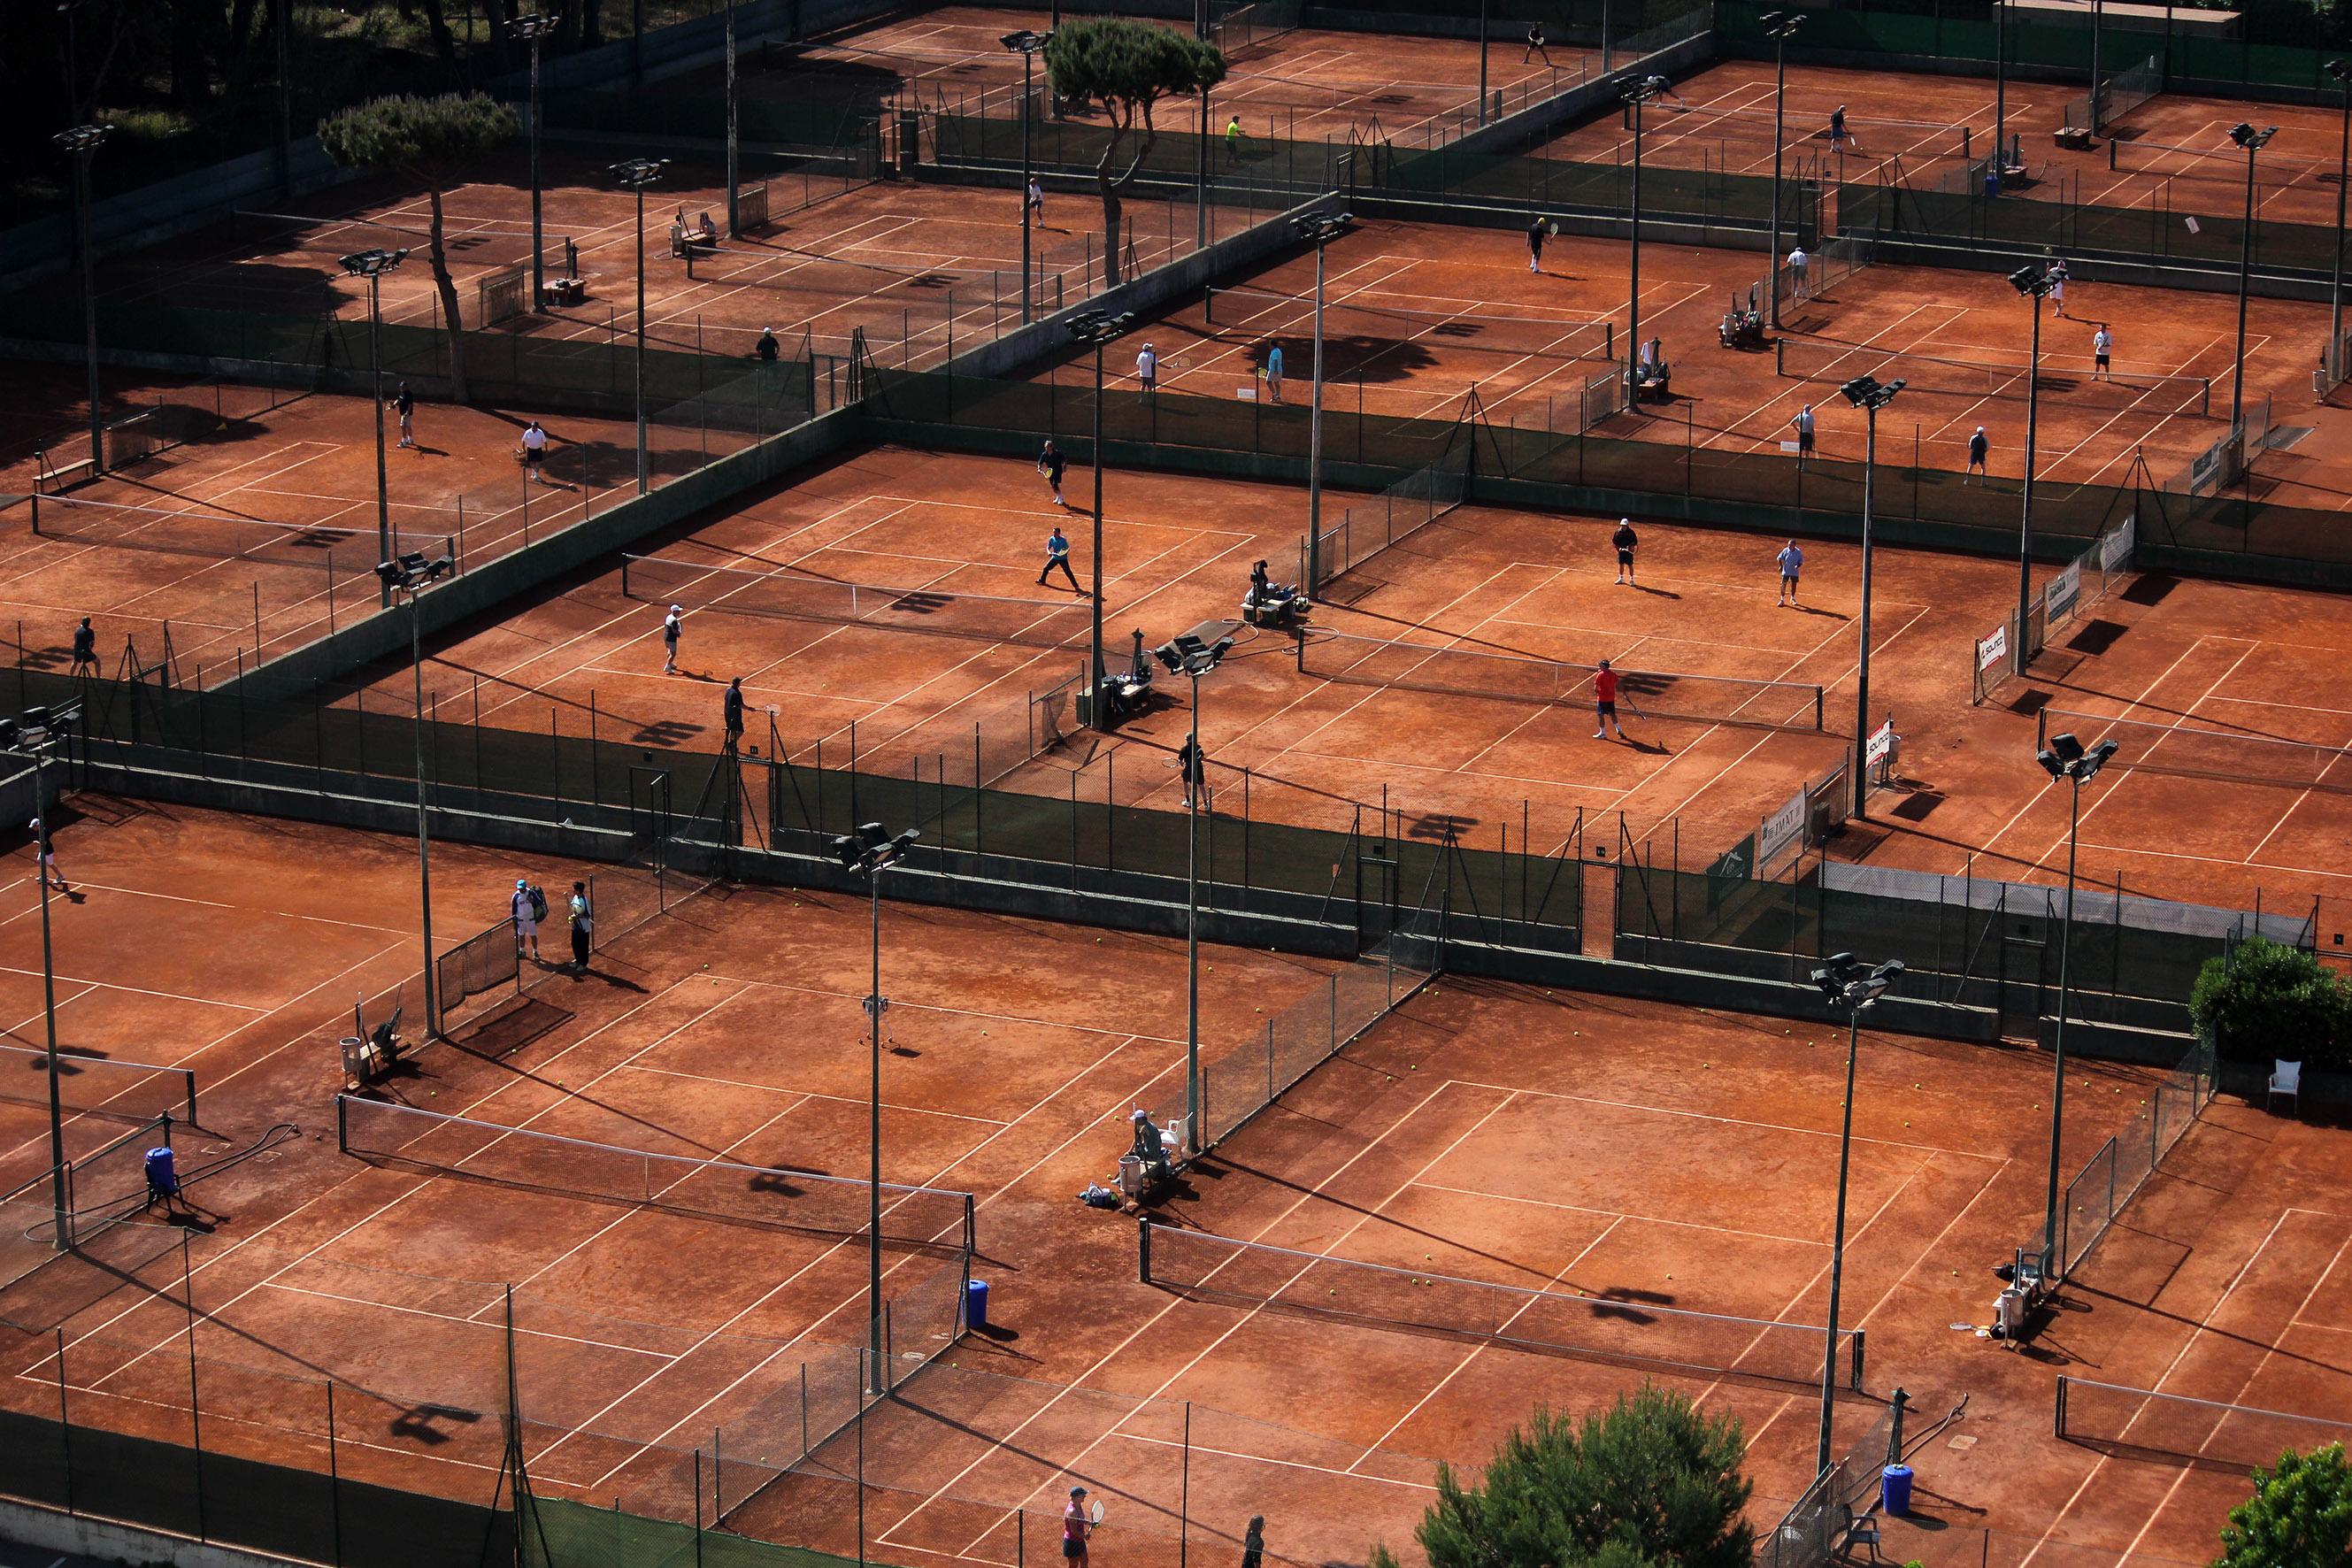 Club de Tennis Andrés Gimeno, mucho más que deportes de raqueta